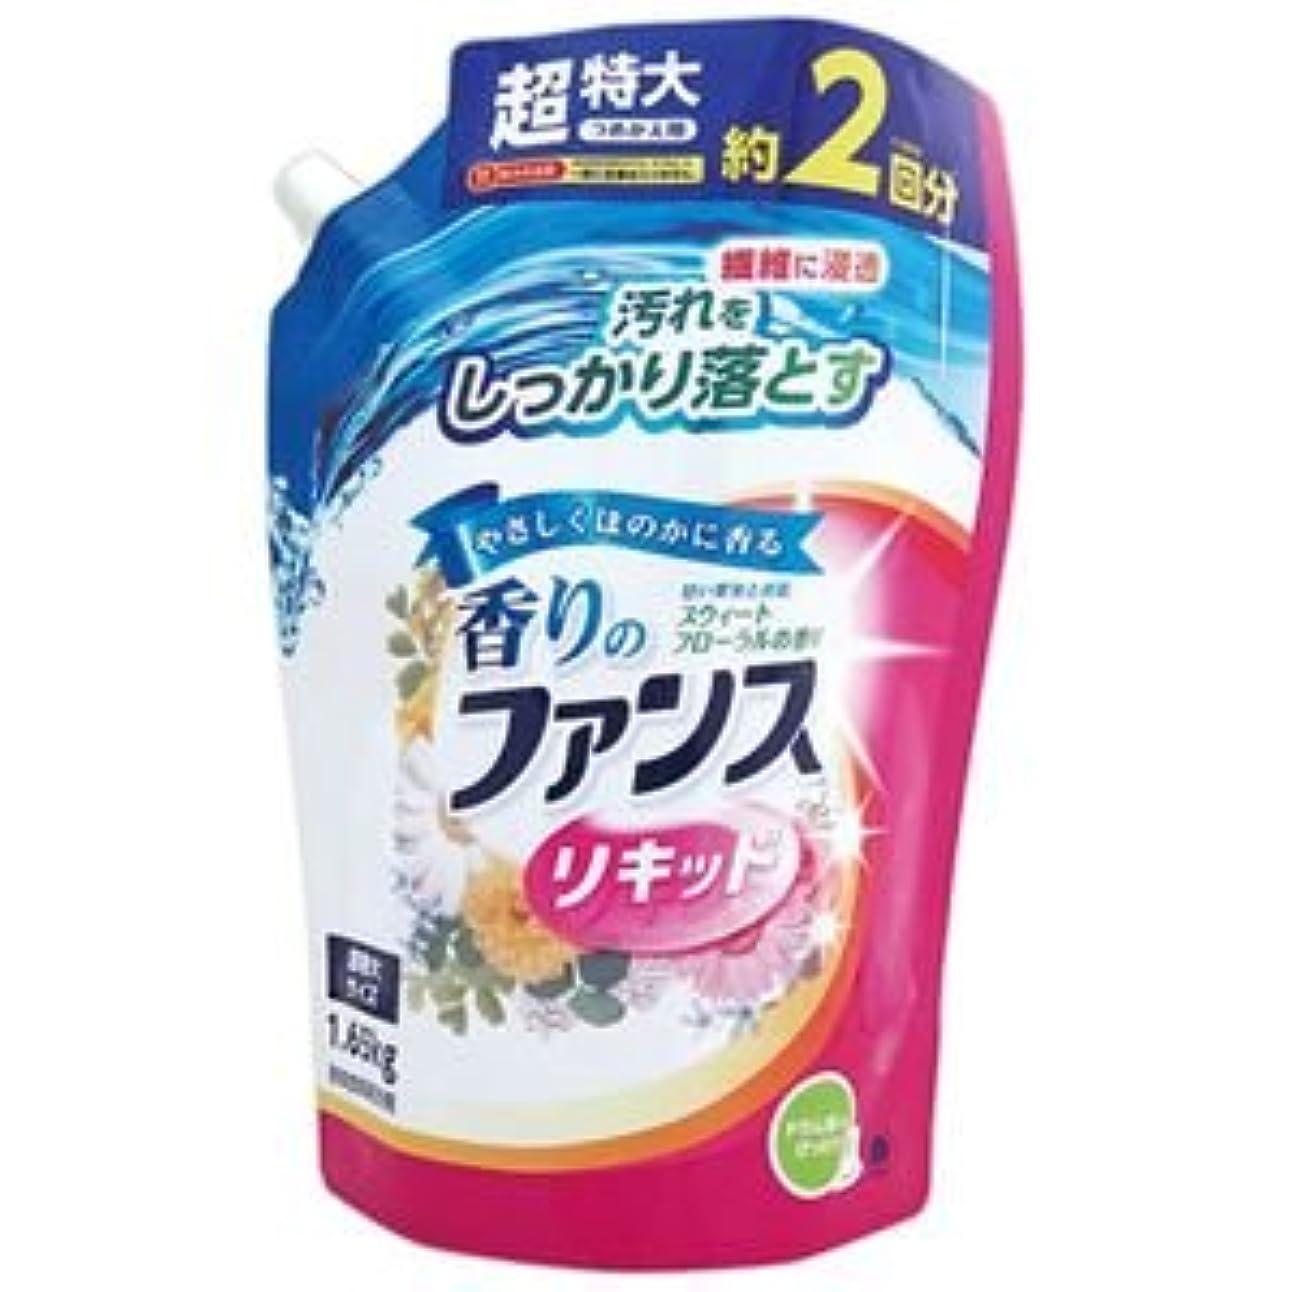 ジョグ更新する湖(まとめ) 第一石鹸 香りのファンス 液体衣料用洗剤リキッド 詰替用 1.65kg 1セット(6個) 【×2セット】